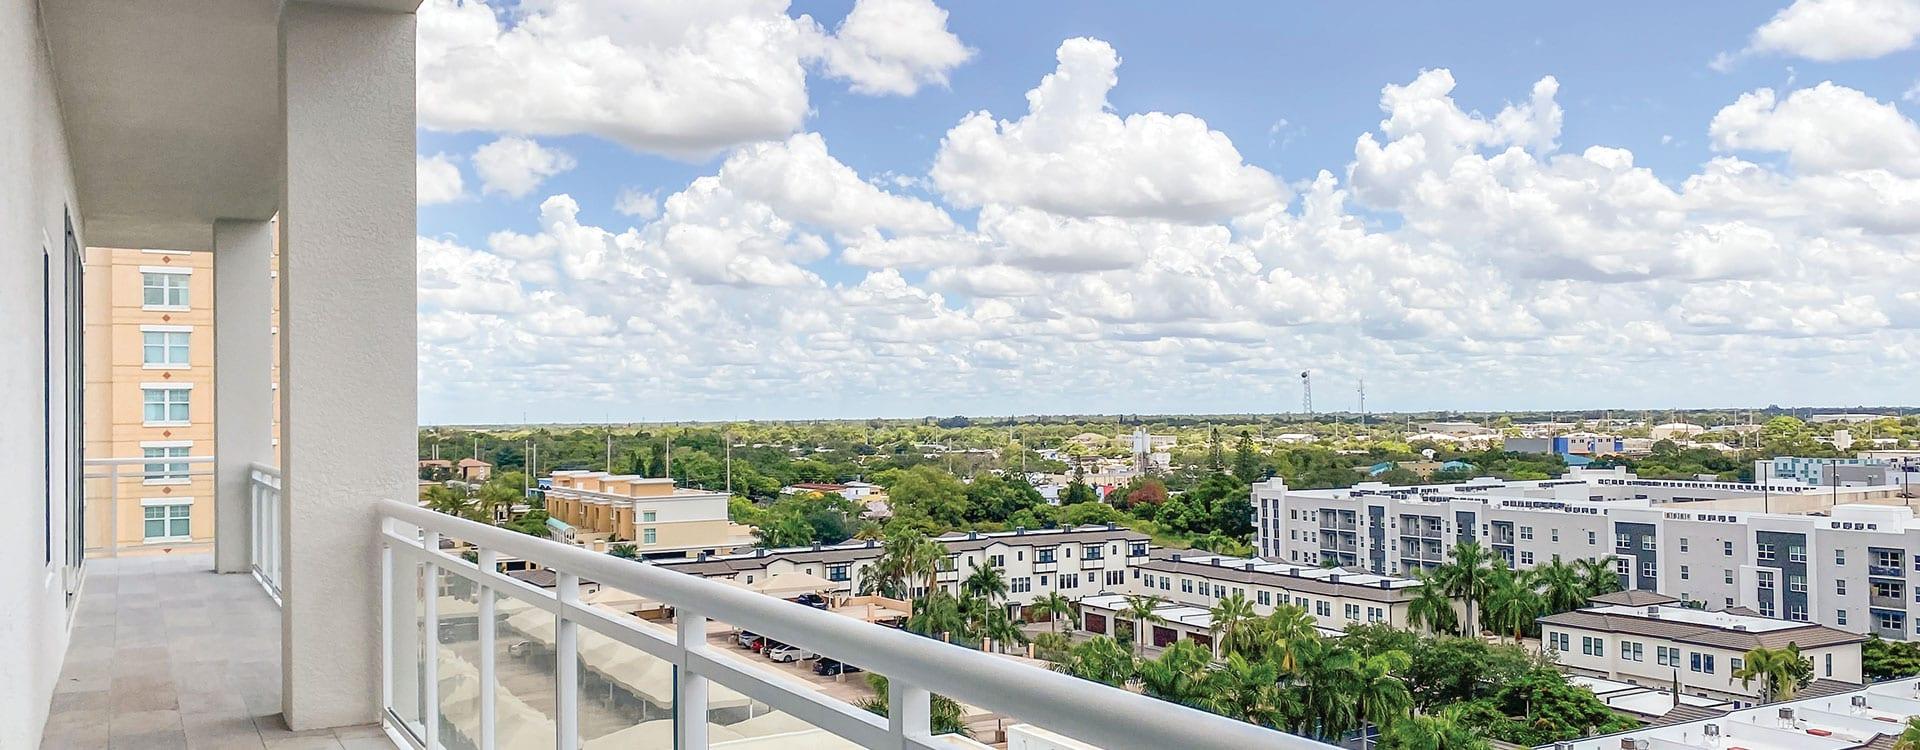 BLVD Sarasota Residence 901 Terrace view of sarasota